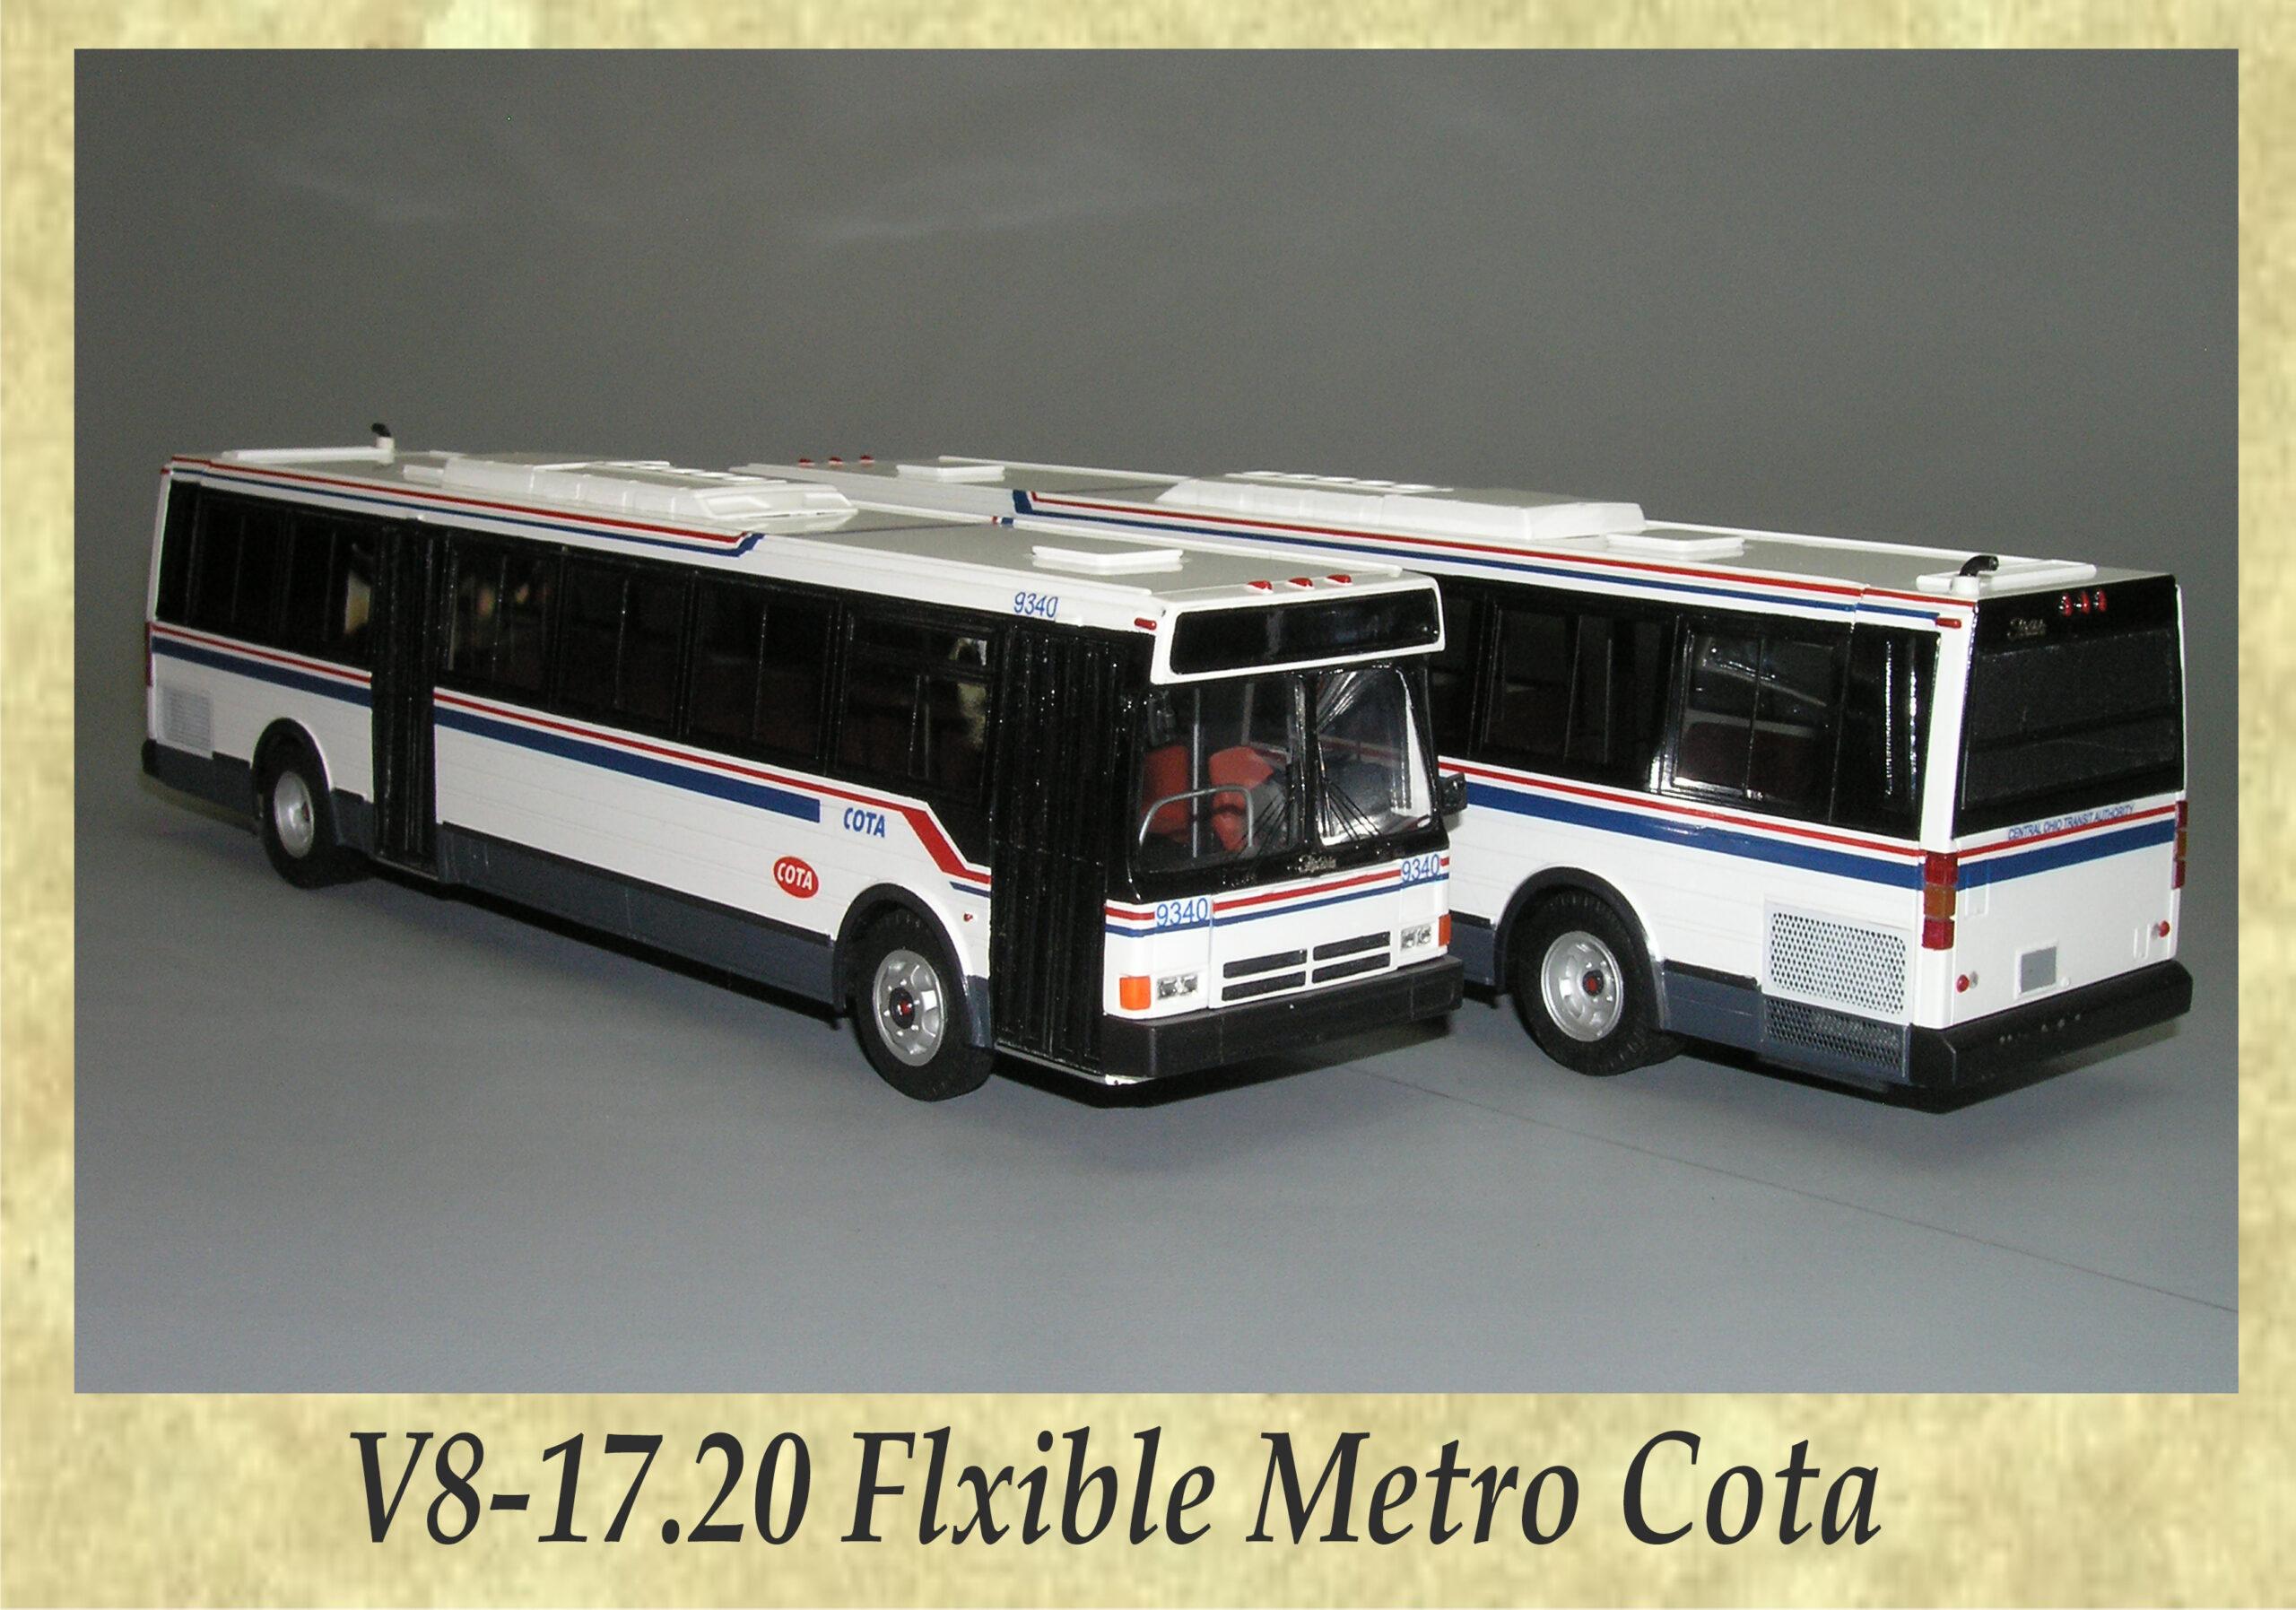 V8-17.20 Flxible Metro Cota